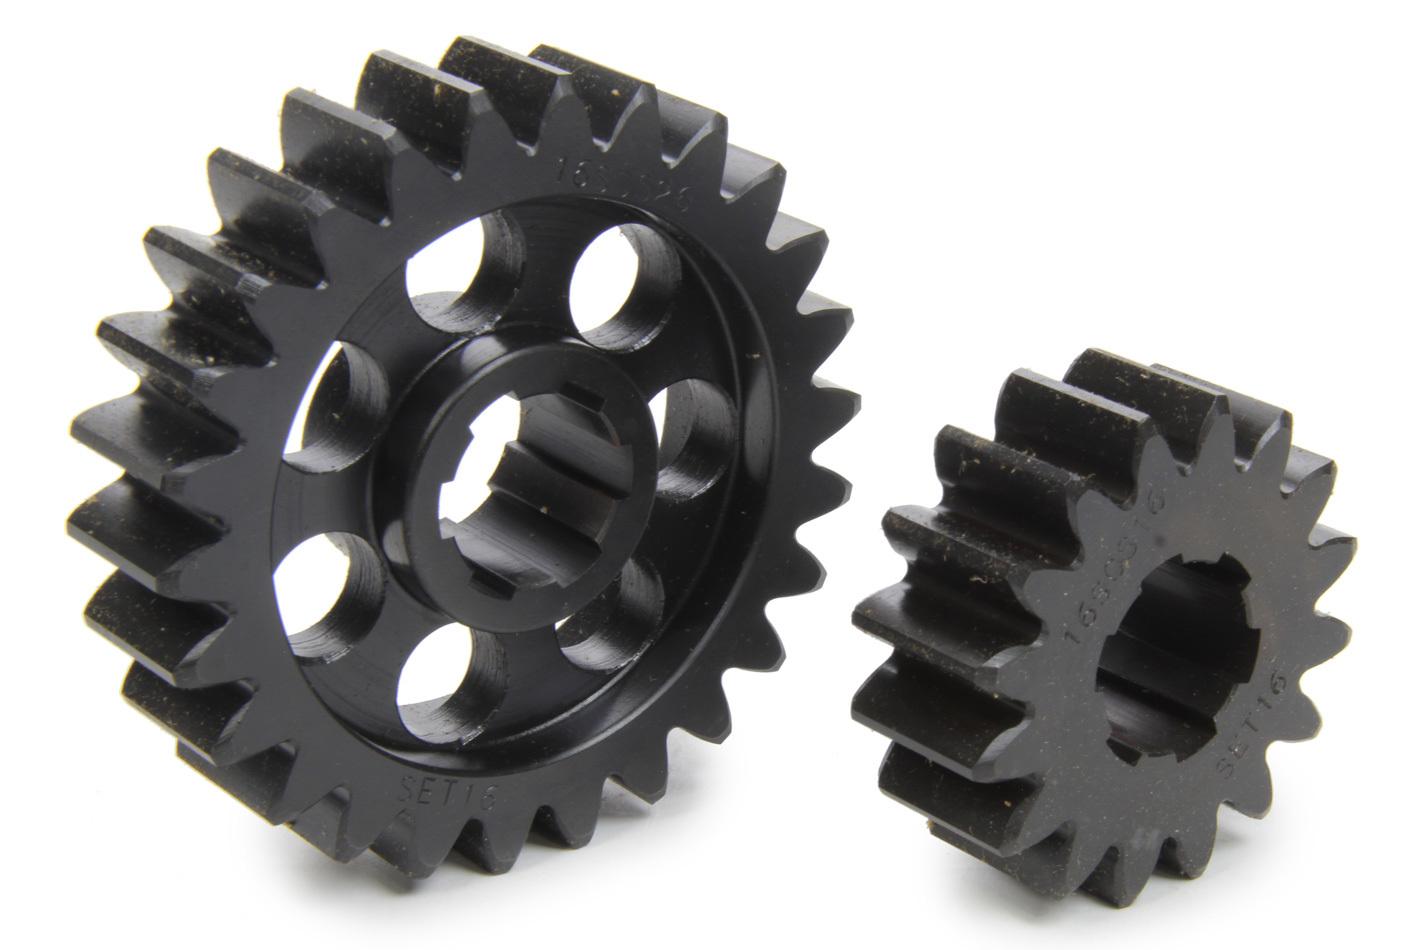 SCS Gears 616 Quick Change Gear Set, Professional, Set 616, 6 Spline, 4.11 Ratio 2.53 / 6.68, 4.33 Ratio 2.66 / 7.04, Steel, Each